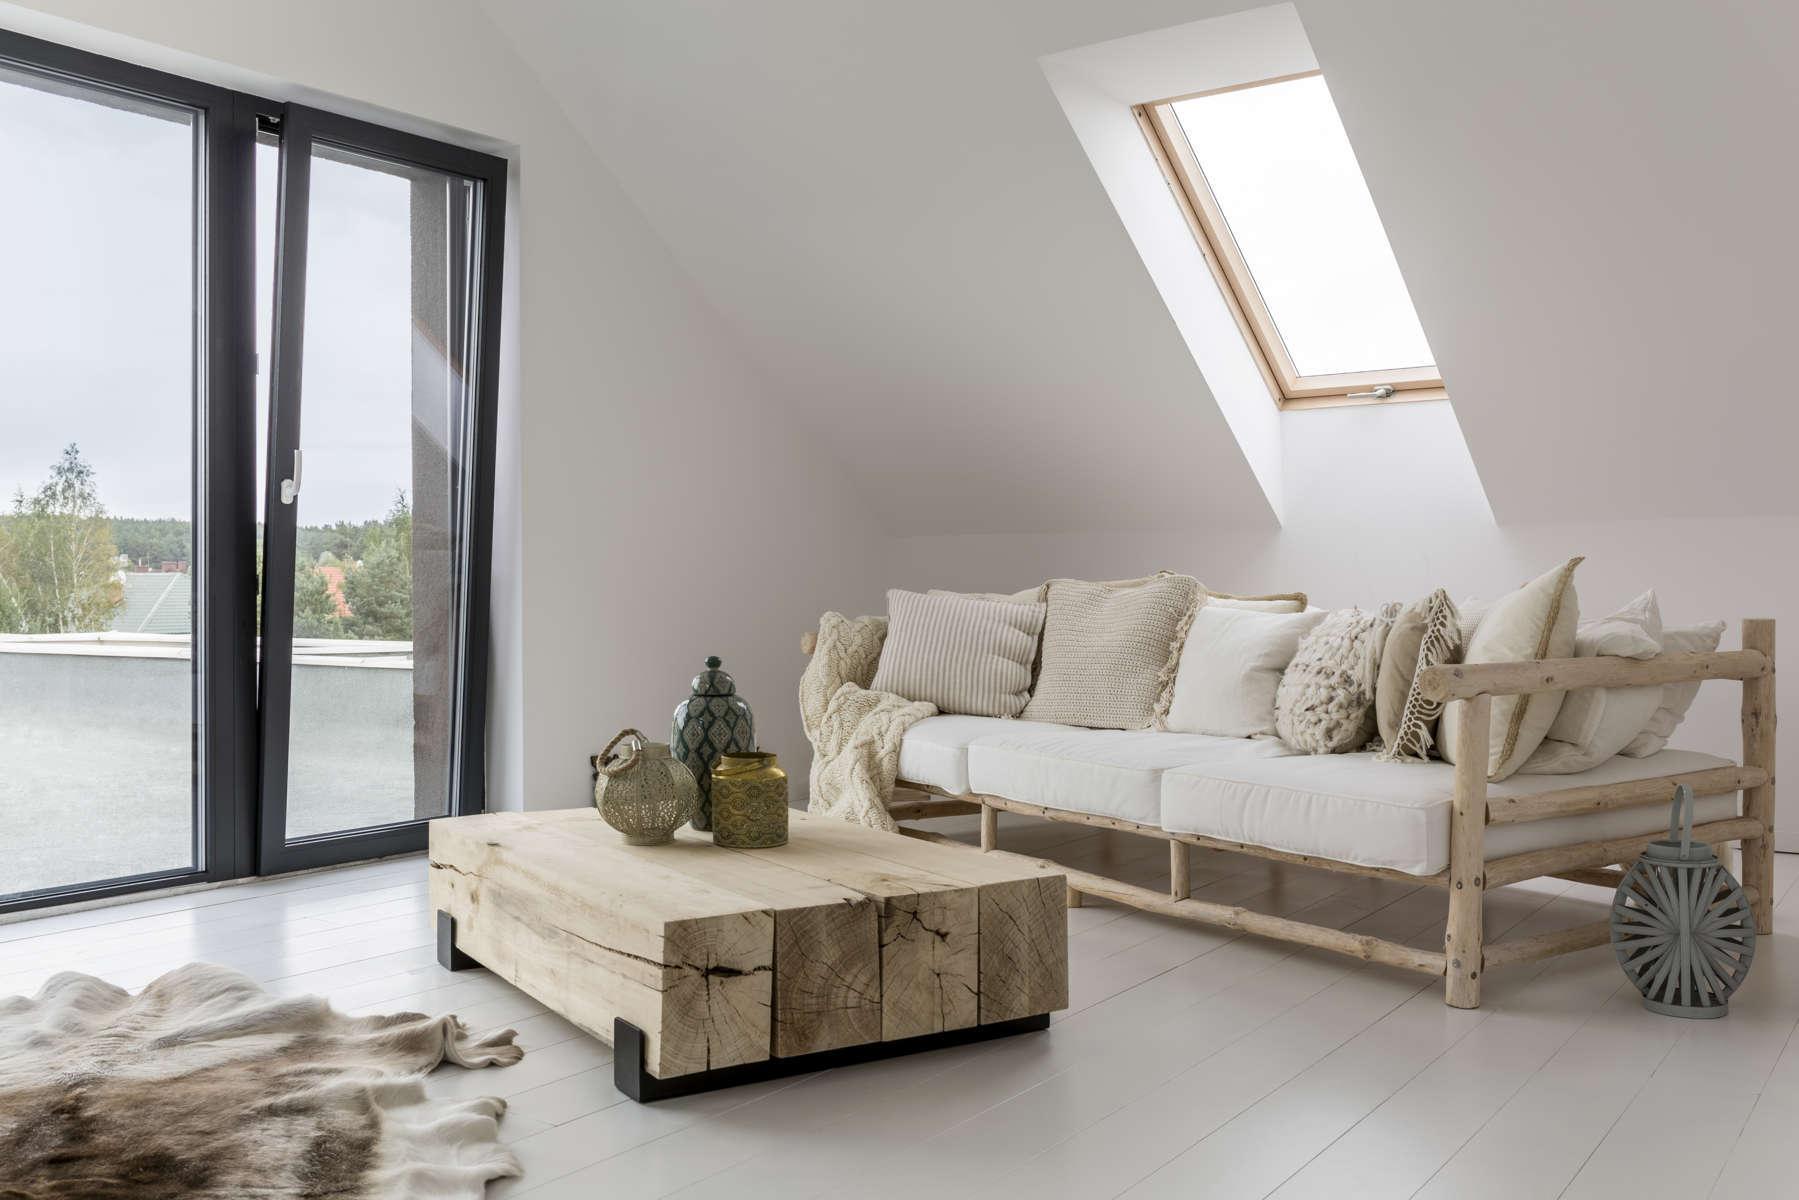 El mobiliario, una tendencia a tener en cuenta para conformar la vivienda de nuestros sueños